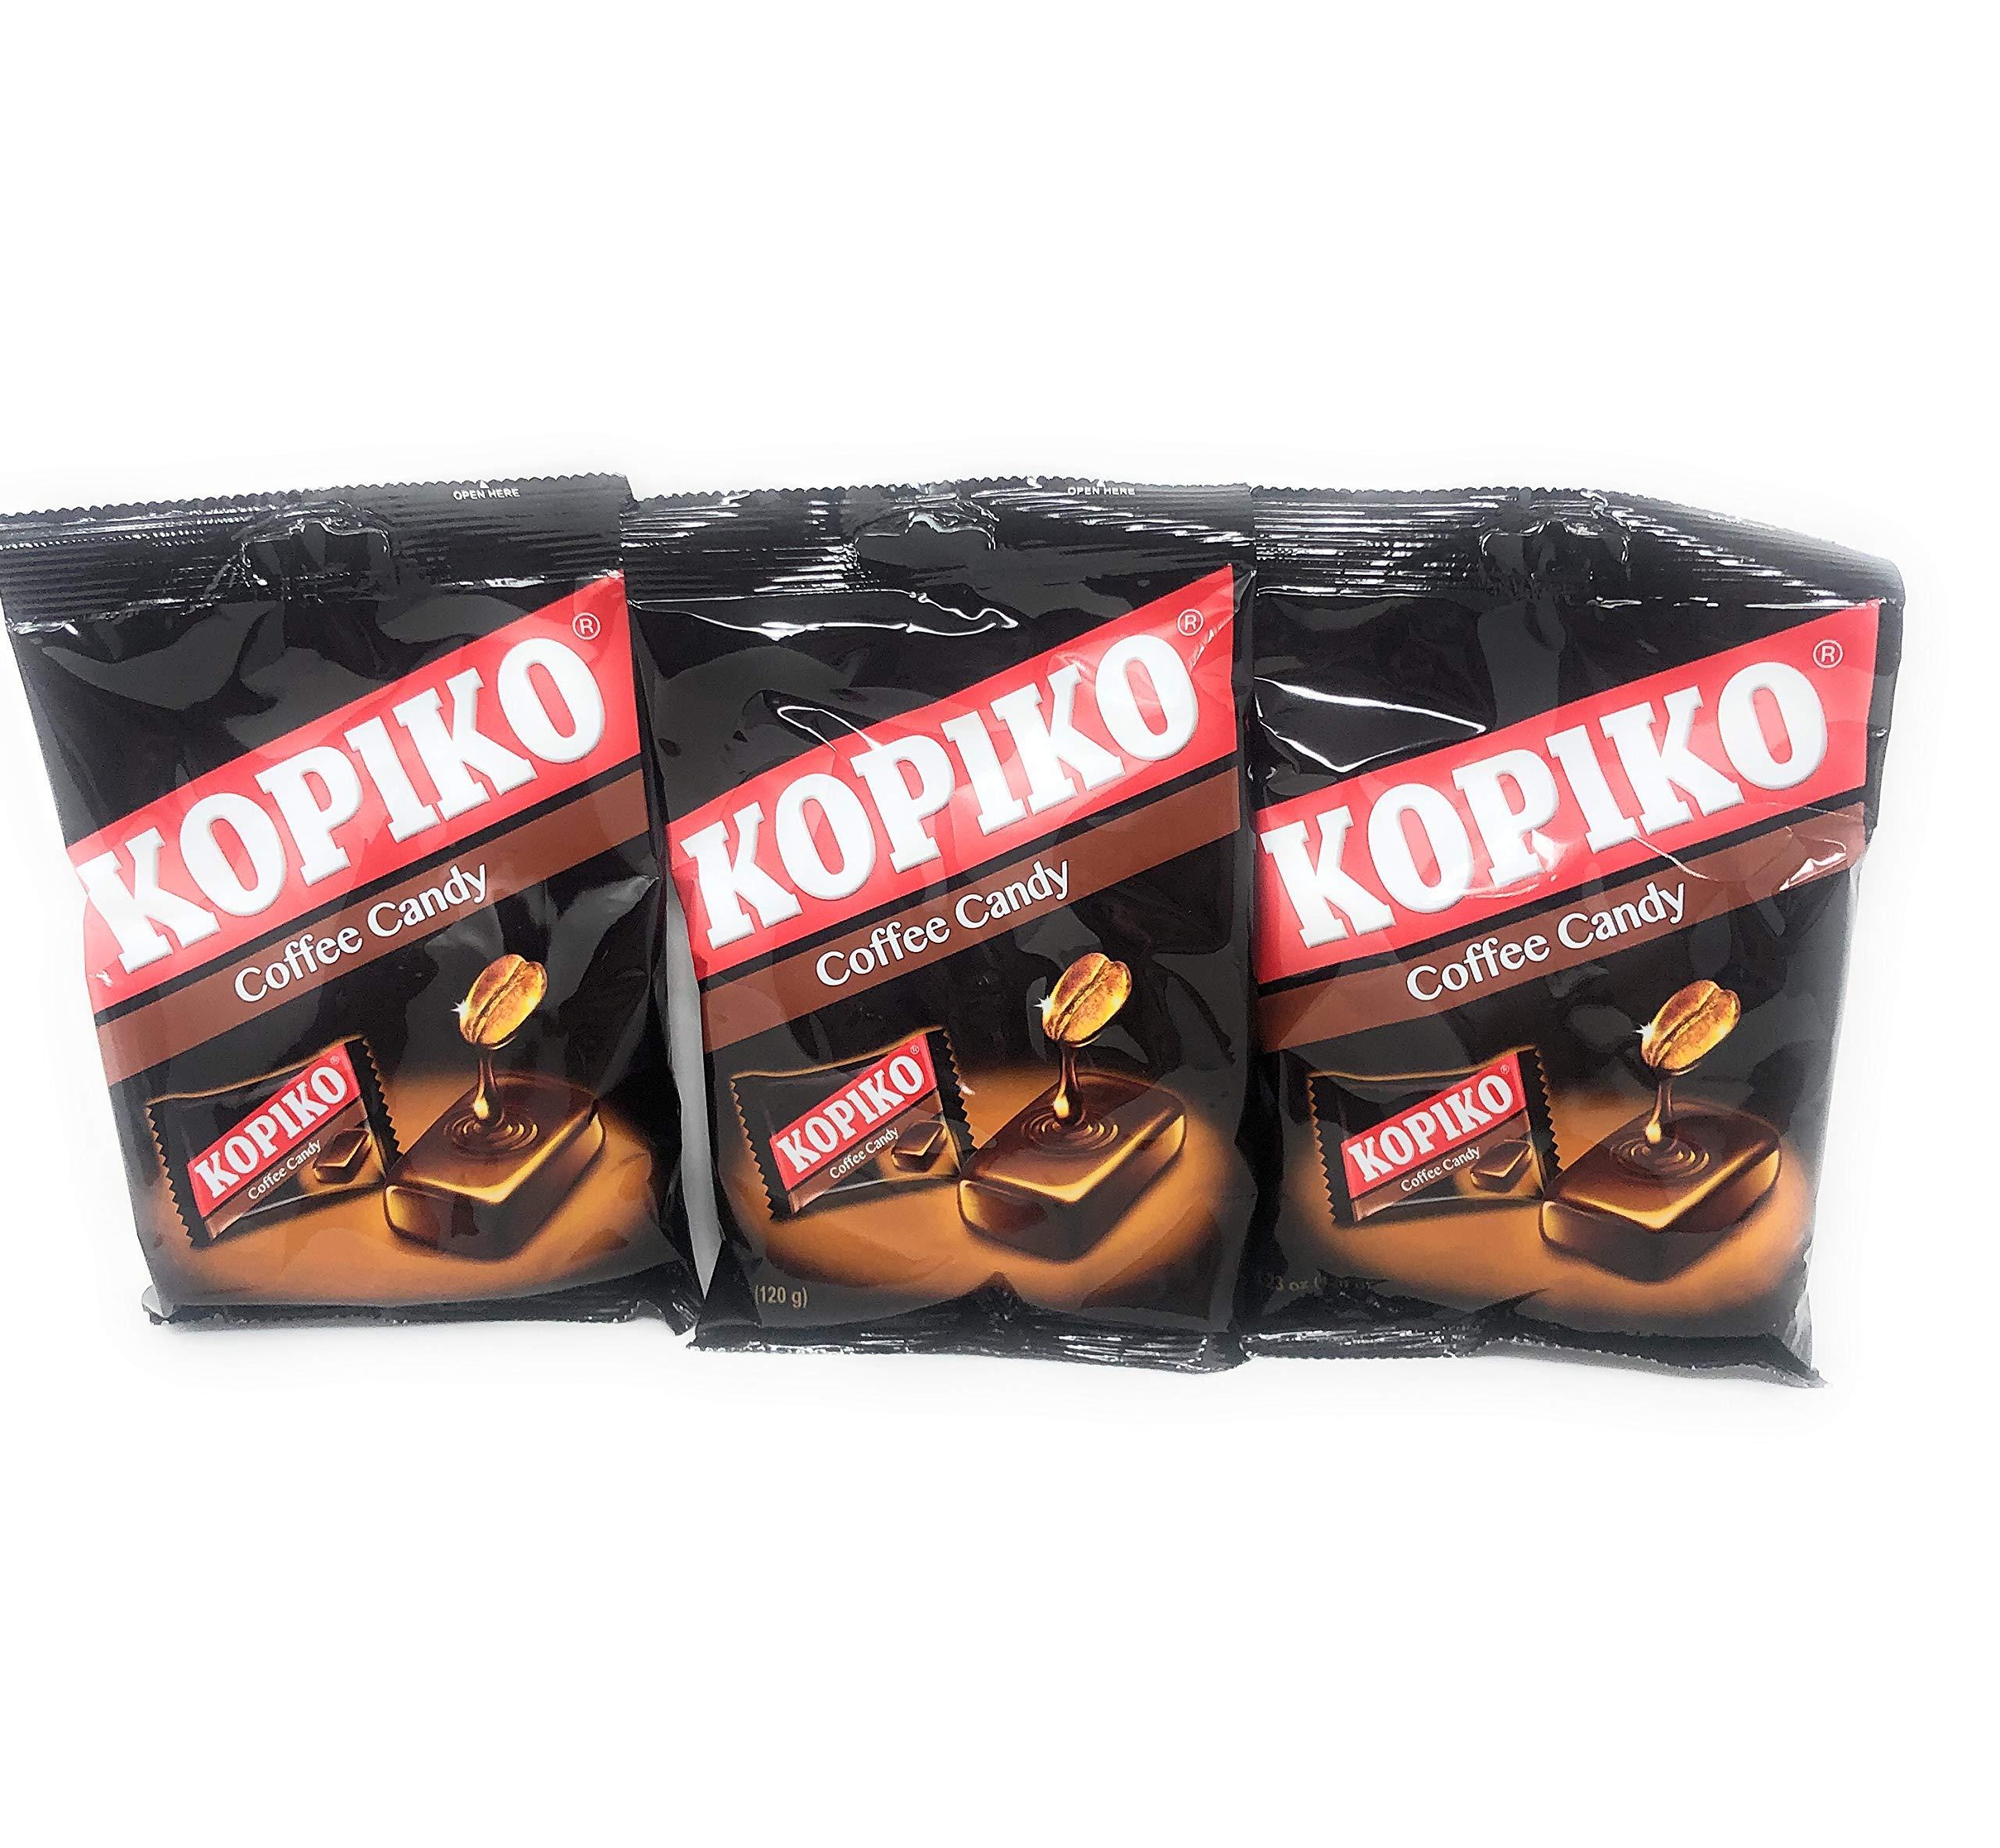 Kopiko Coffee Candy in Bag